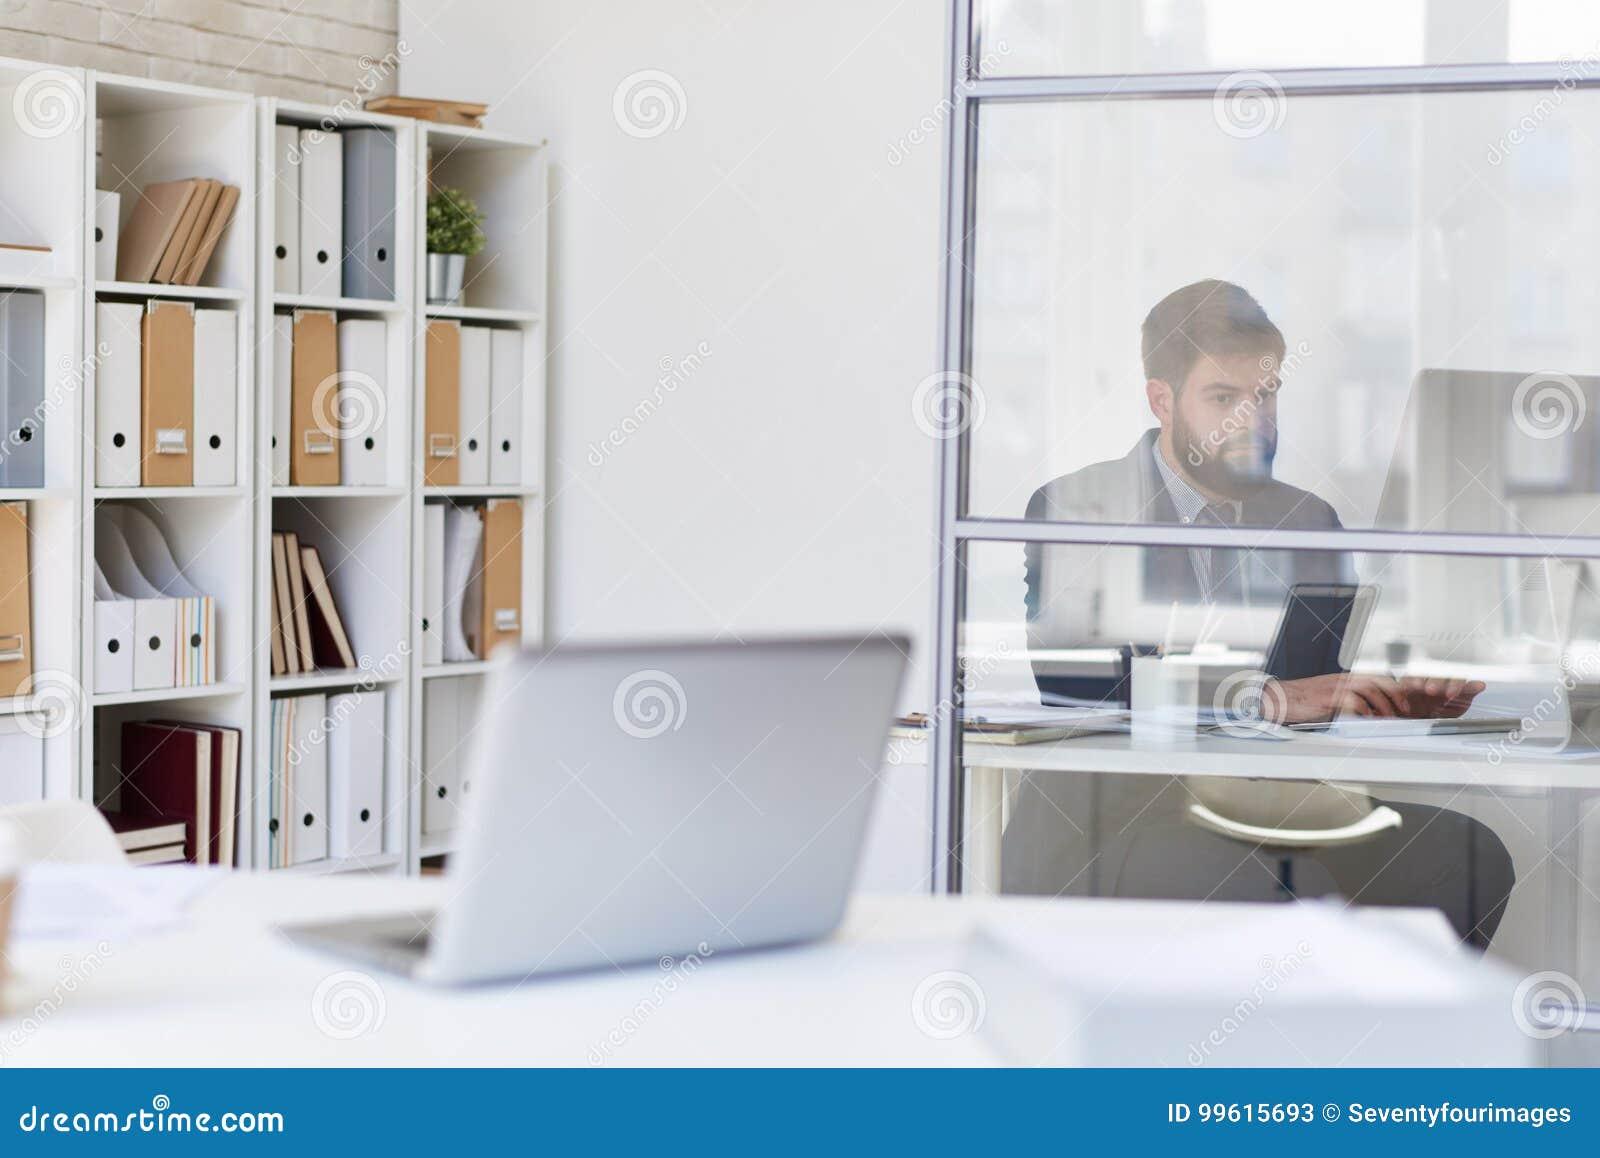 Bureaux modernes image stock image du pièce blanc durée